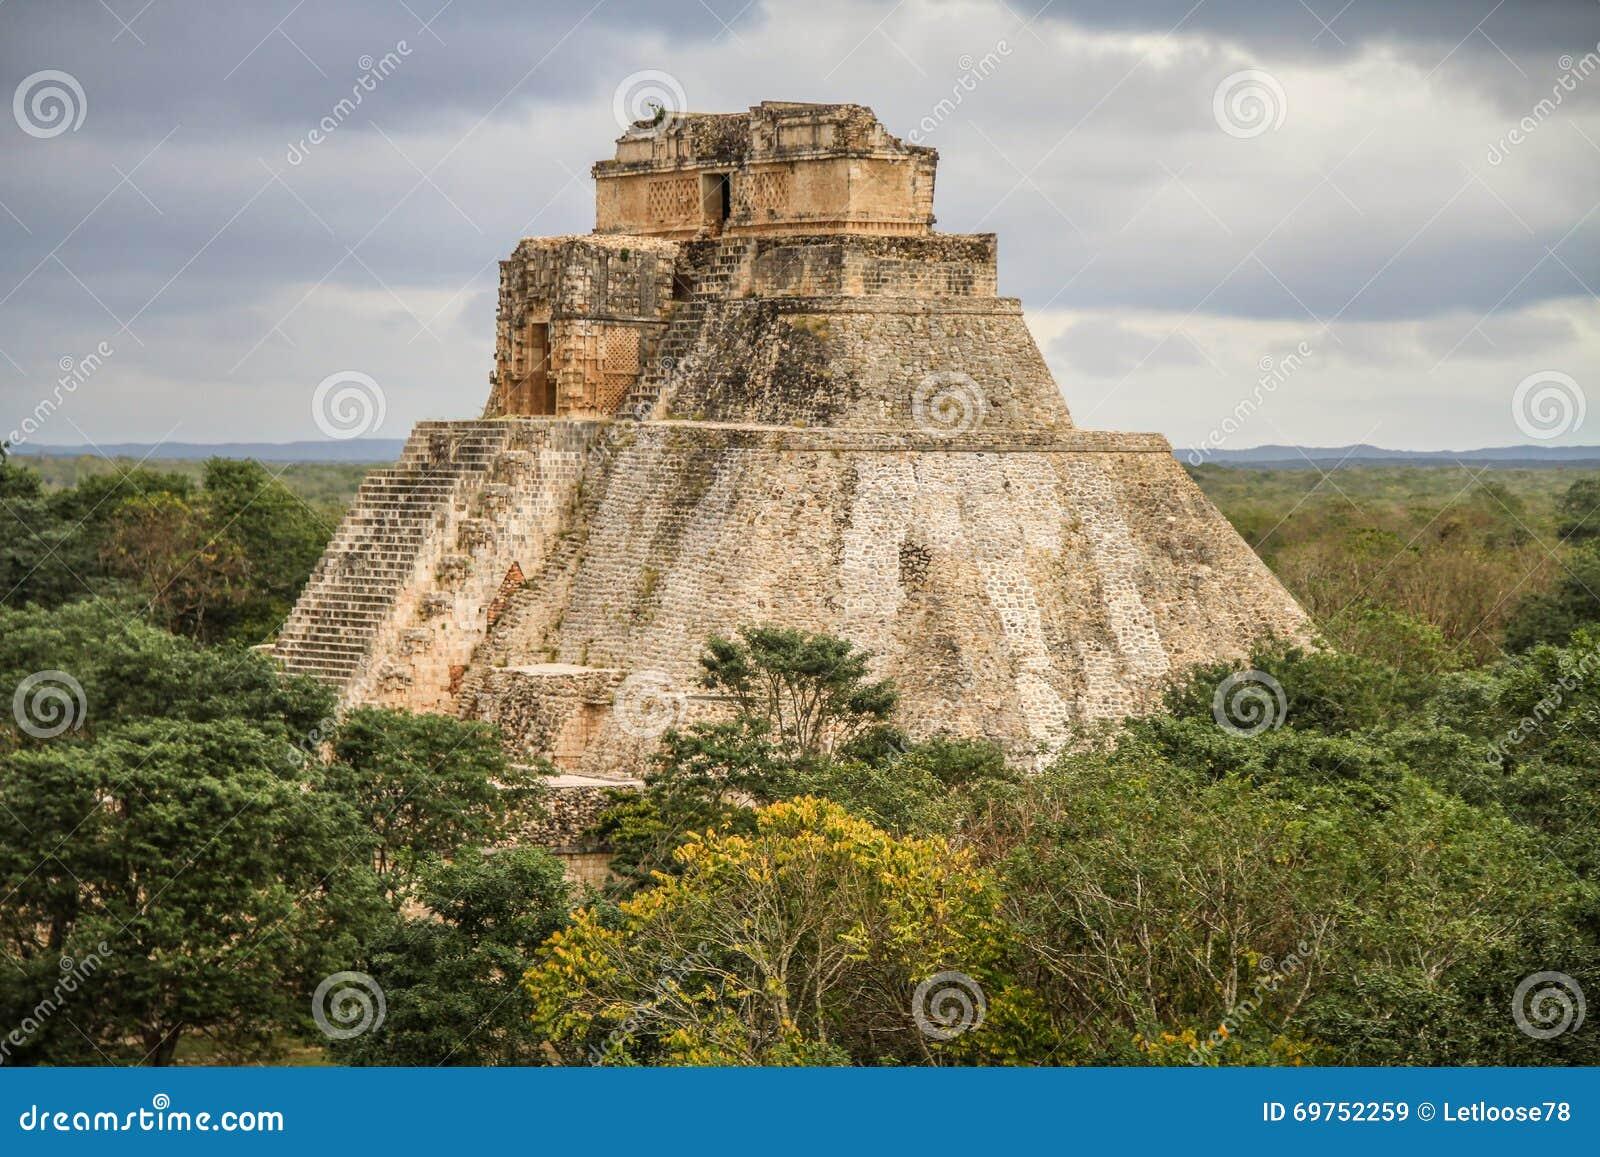 Pyramid of the Magician, Uxmal Ancient Maya city, Yucatan, Mexico